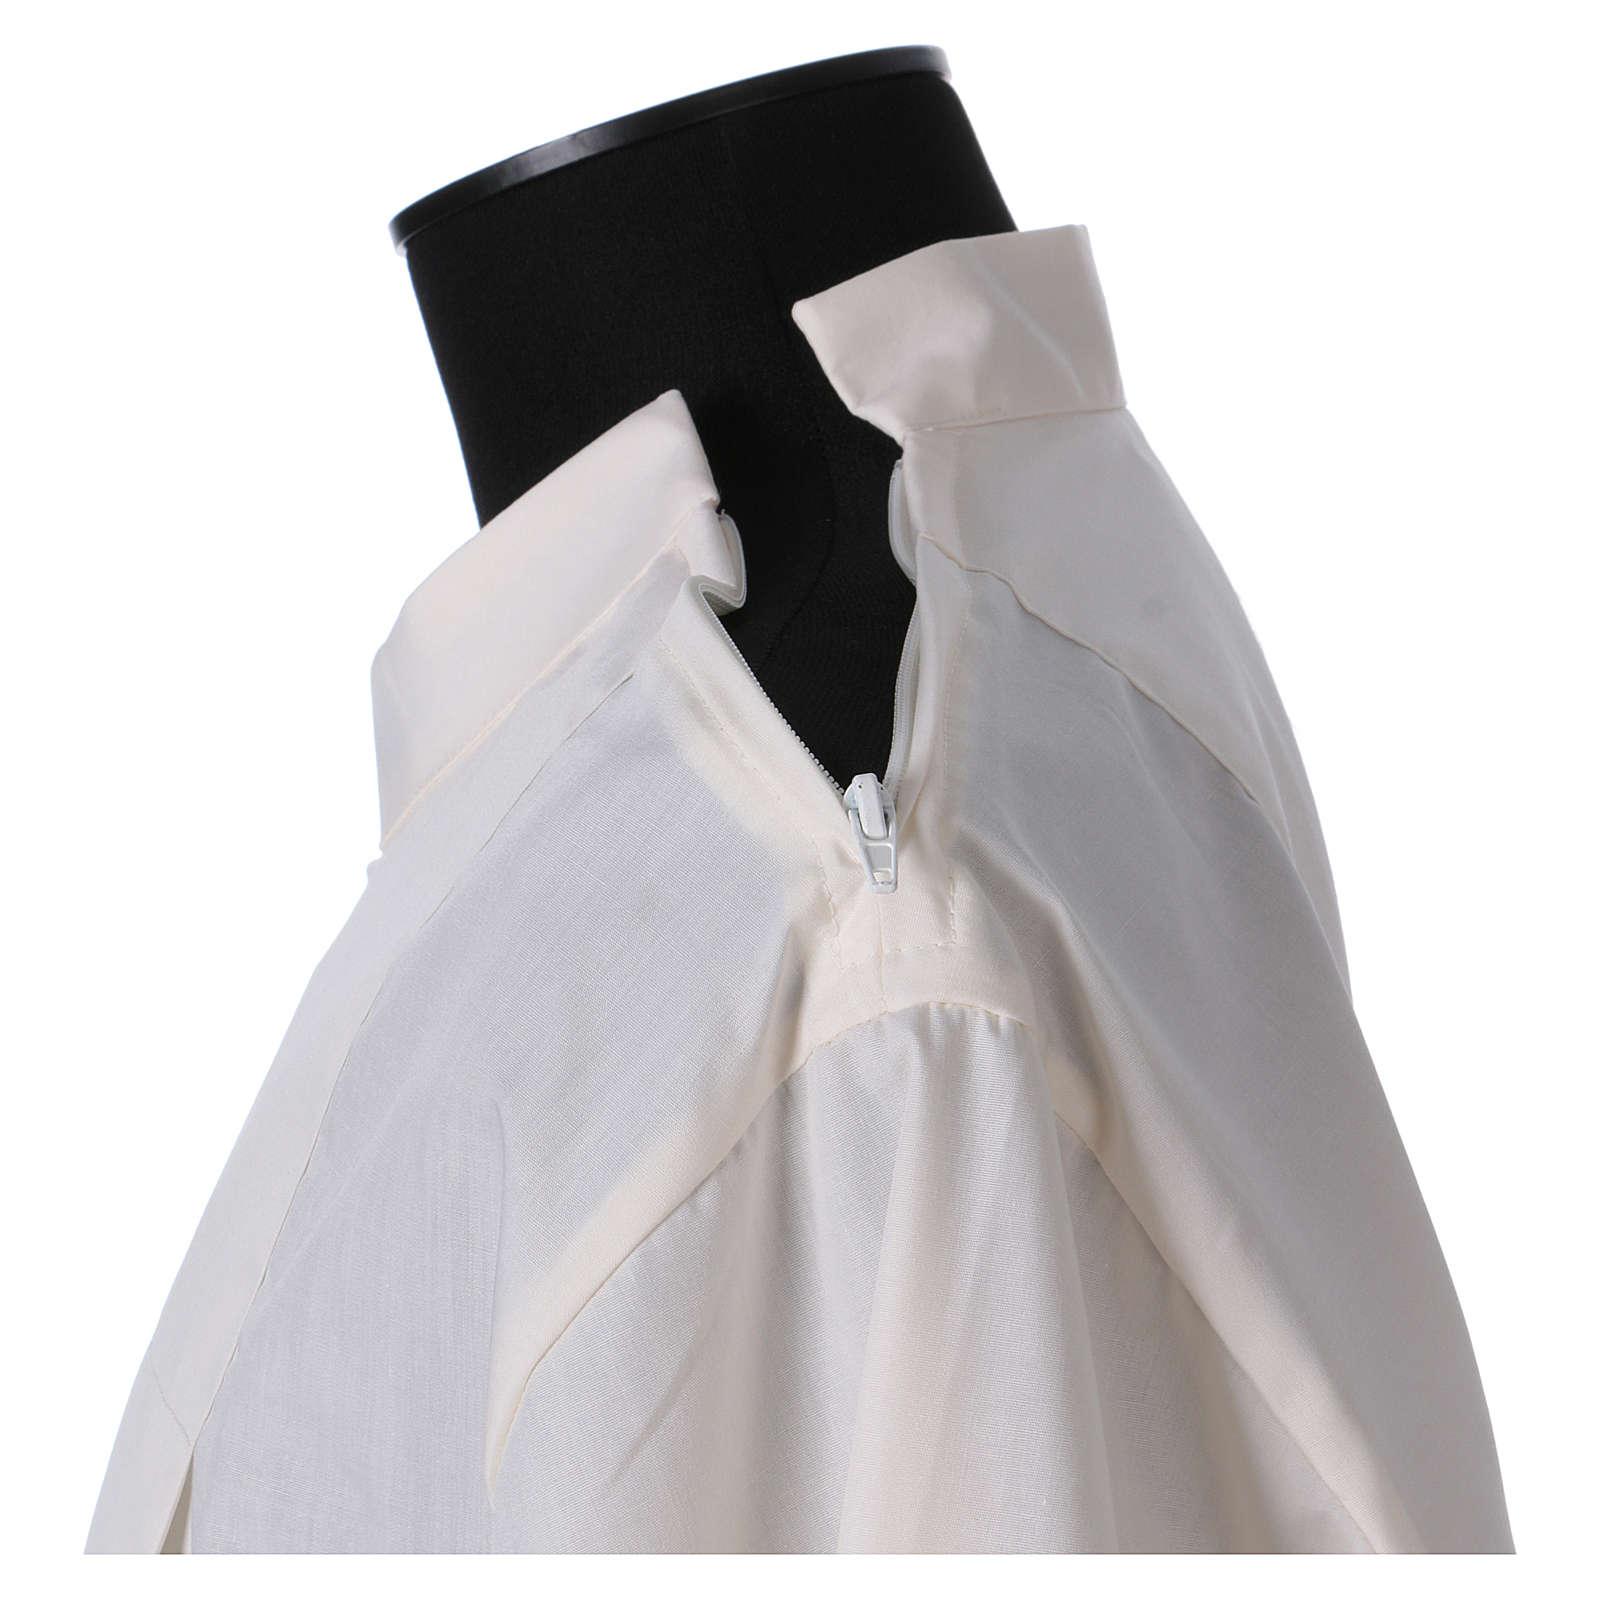 Camice 65% poliestere 35% cotone avorio gigliuccio cerniera spalla 4